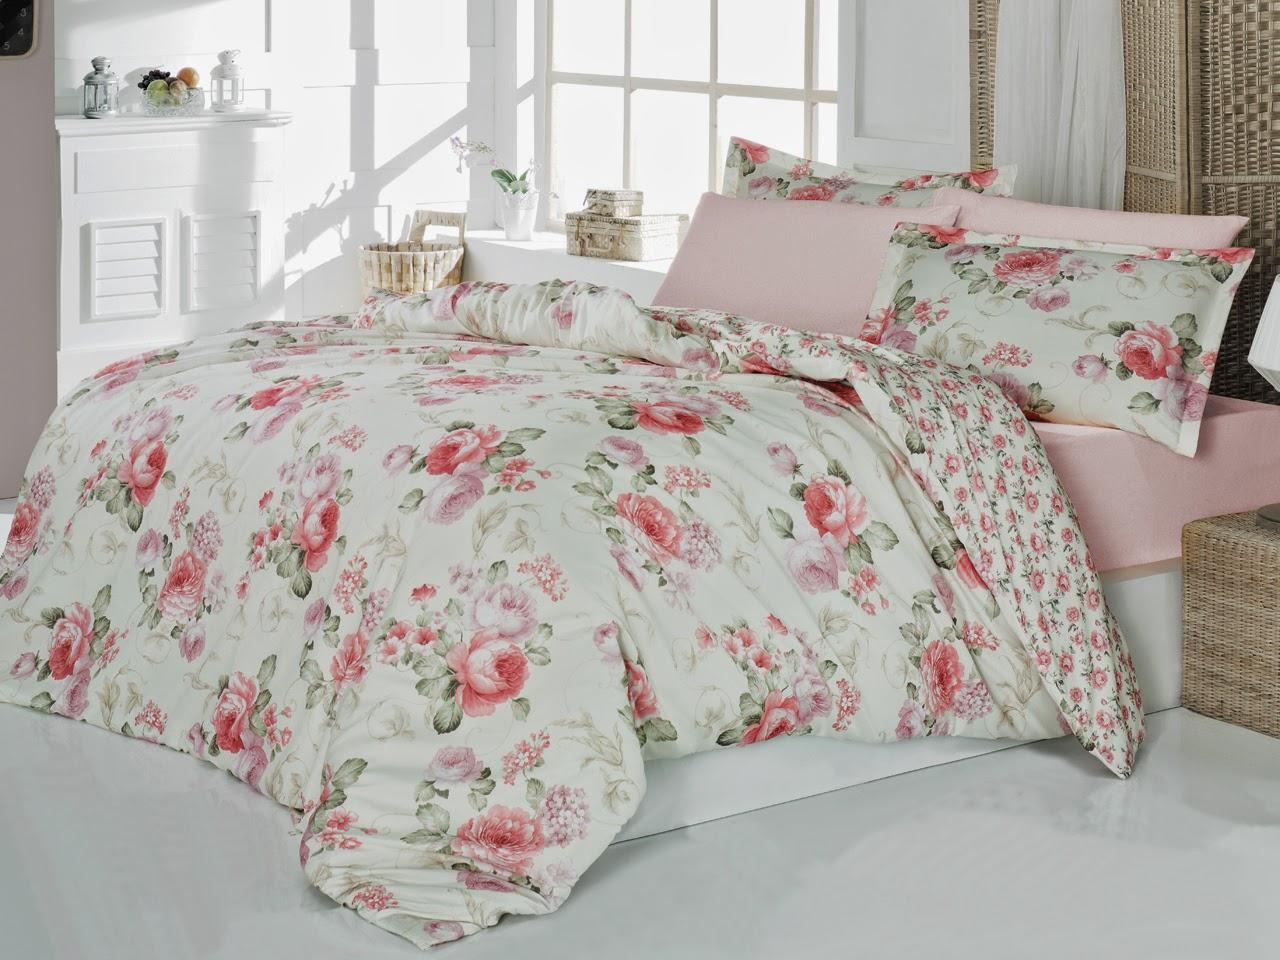 İçinde Uyumak İsteyeceğiniz En Yaratıcı 10 Yatak Modeli